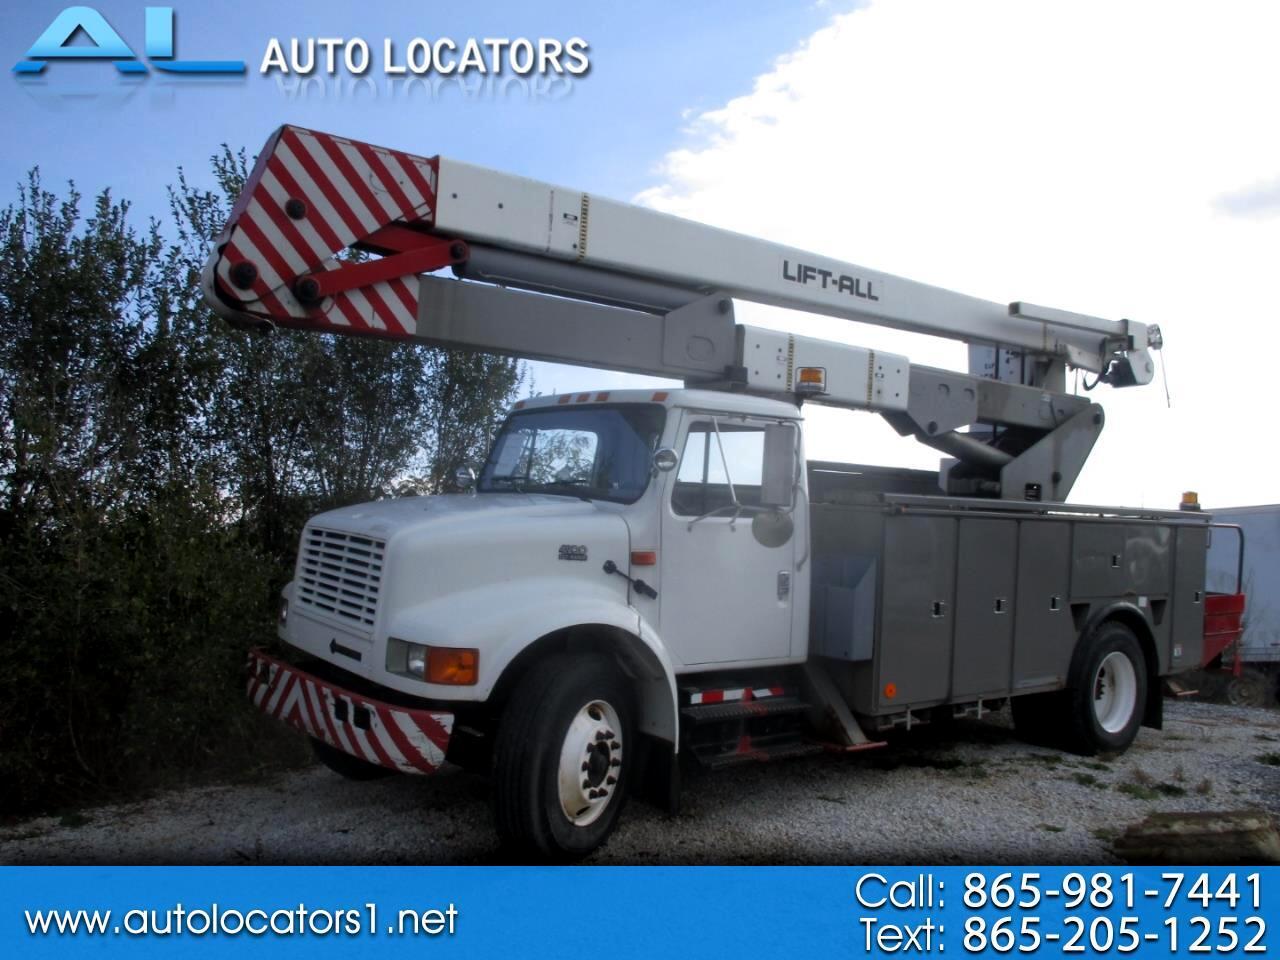 2002 International 4900 DT466E